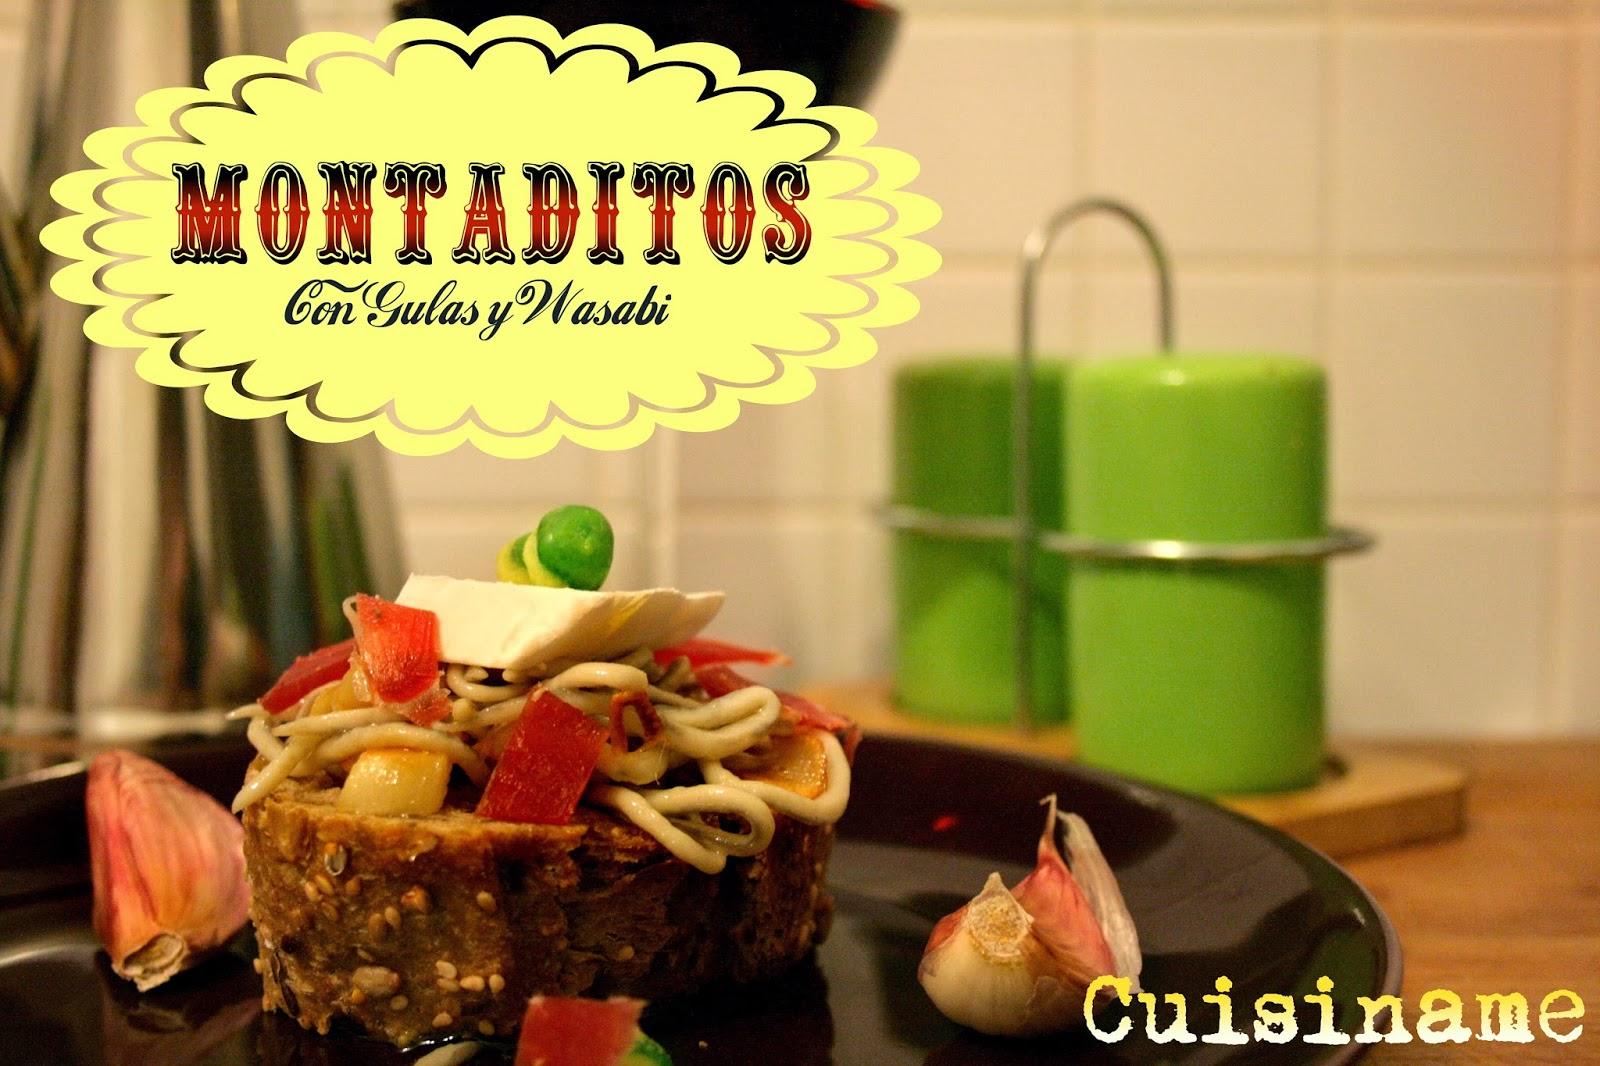 montaditos, tapas, aperitivos, tapas originales, gulas, jamón ibérico, wasabi, recetas originales, recetas de cocina, recetas originales, yummy recipes, humor, recetas caseras, recetas faciles